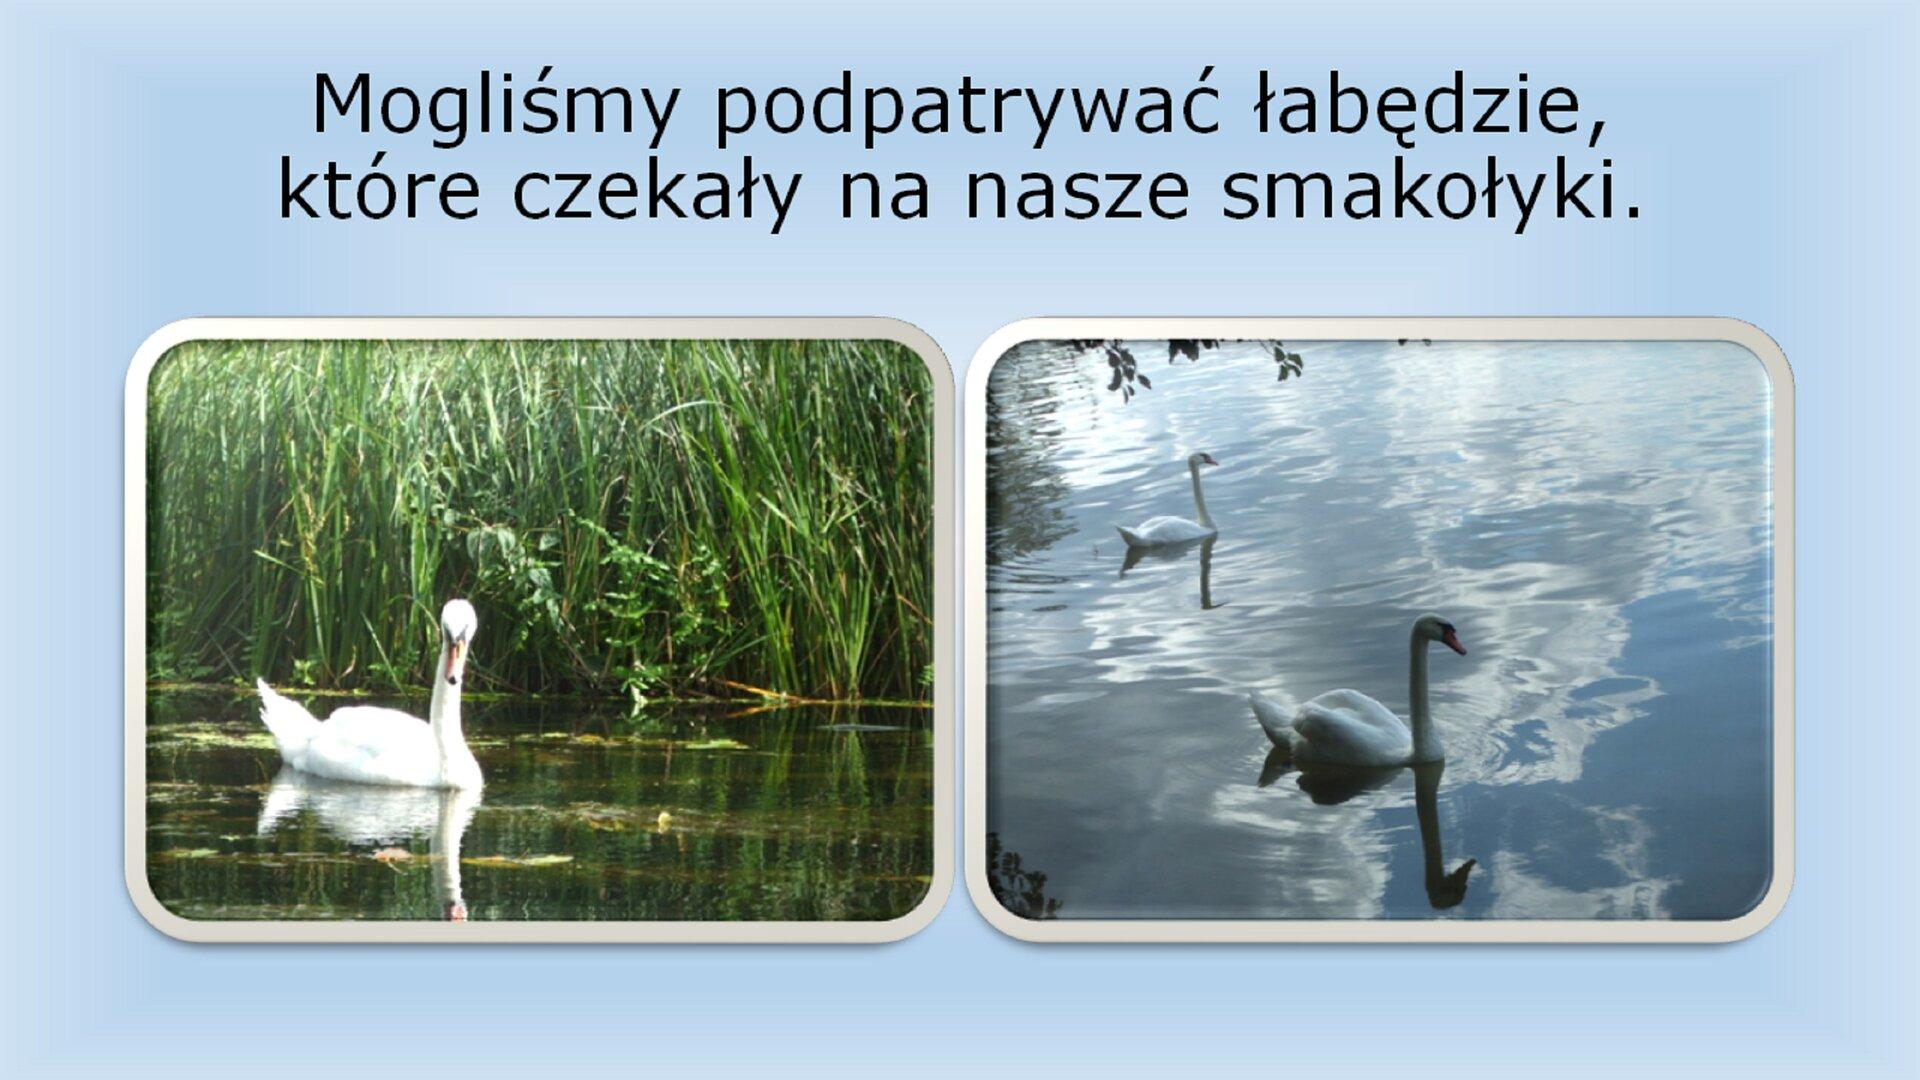 Slajd 2 galerii przykładowych slajdów prezentacji